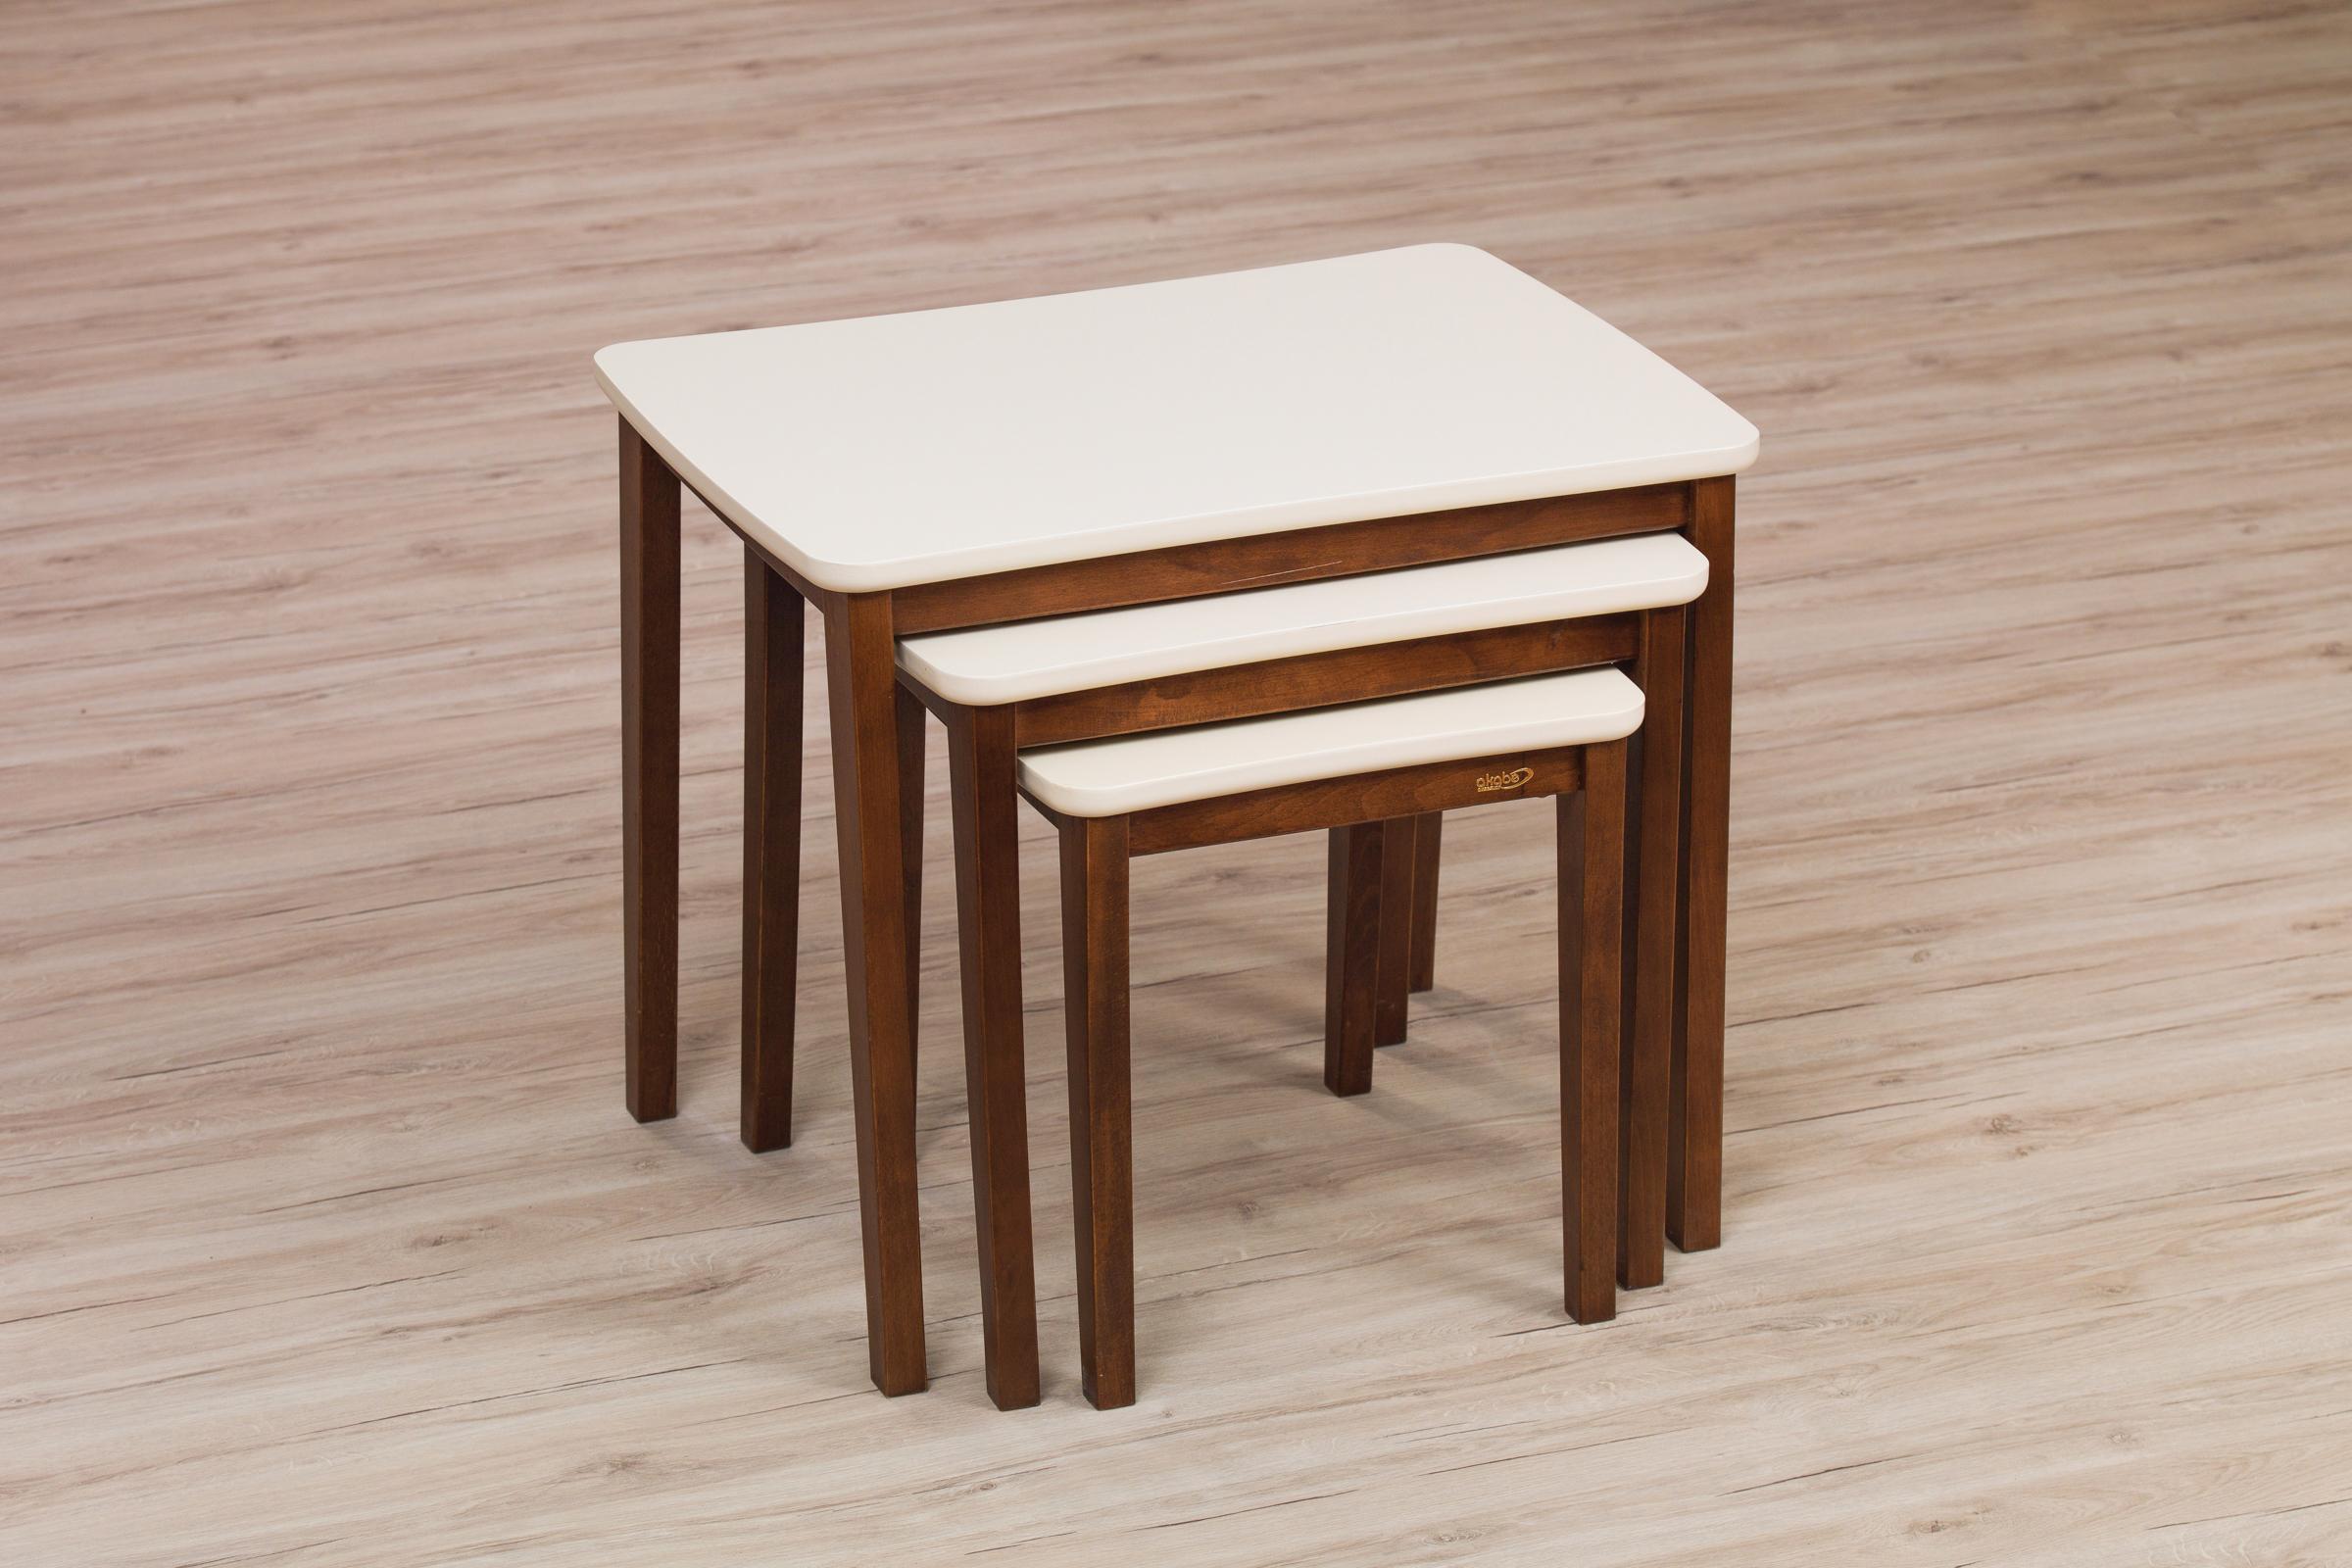 124 COFFE TABLE SET 4 PART